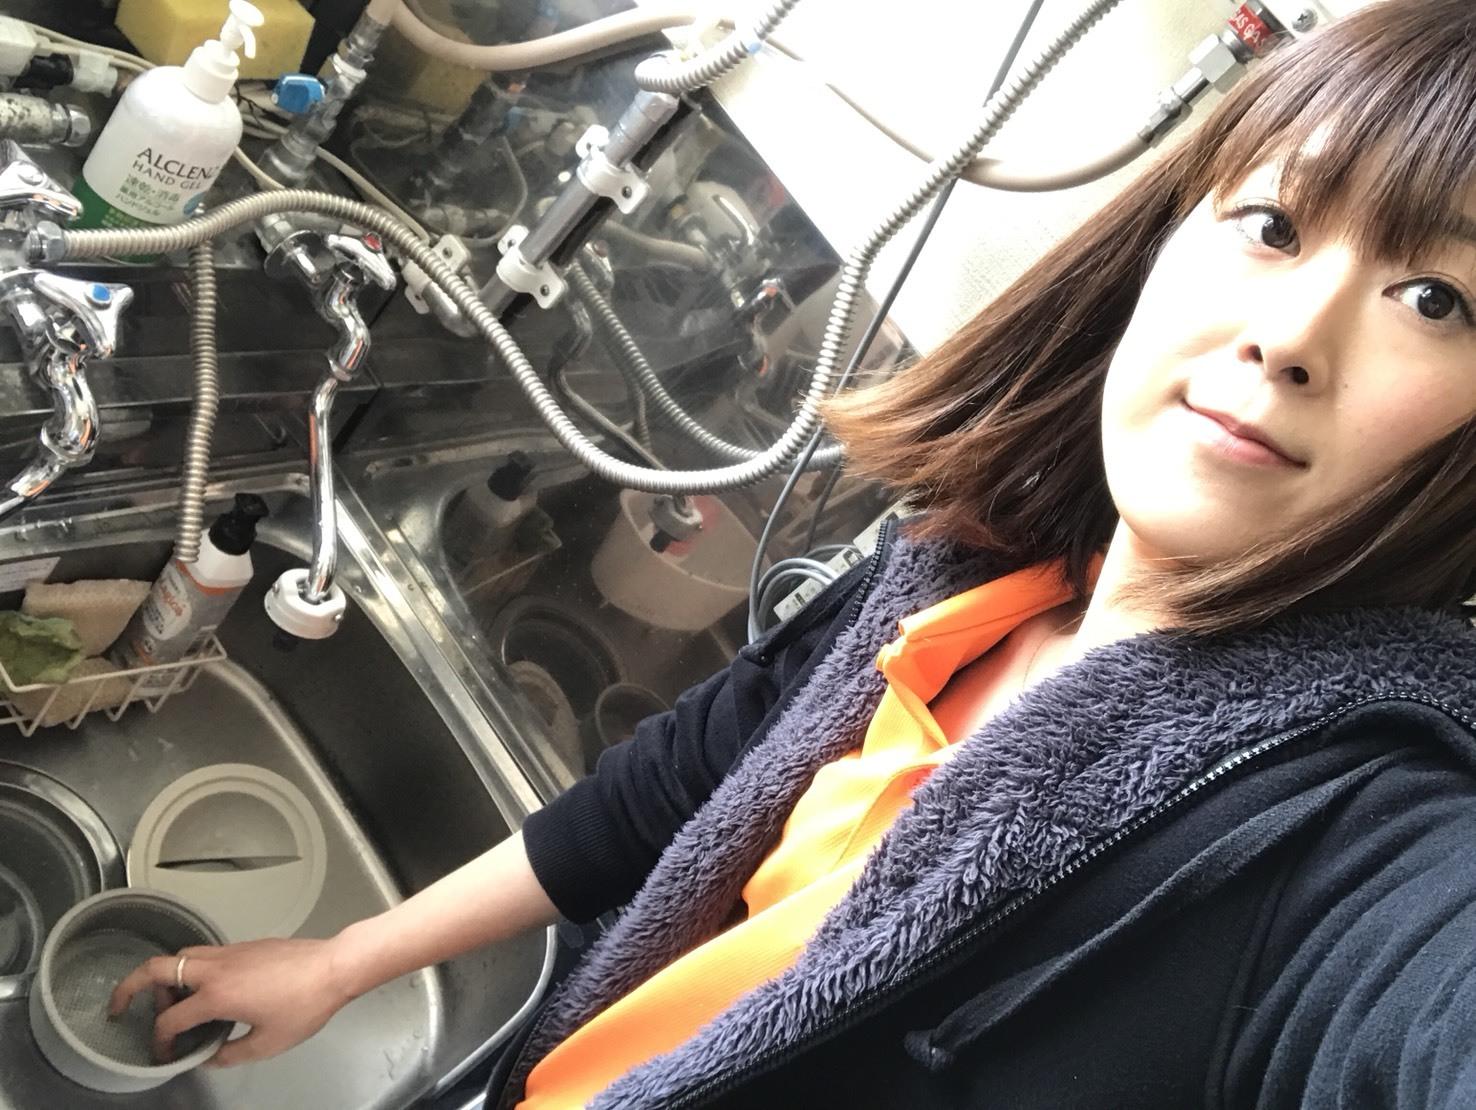 4月20日(金)トミーベース カスタムブログ☆LS460 ハマー ランクル インパラ多数取り揃え☆_b0127002_11400750.jpg